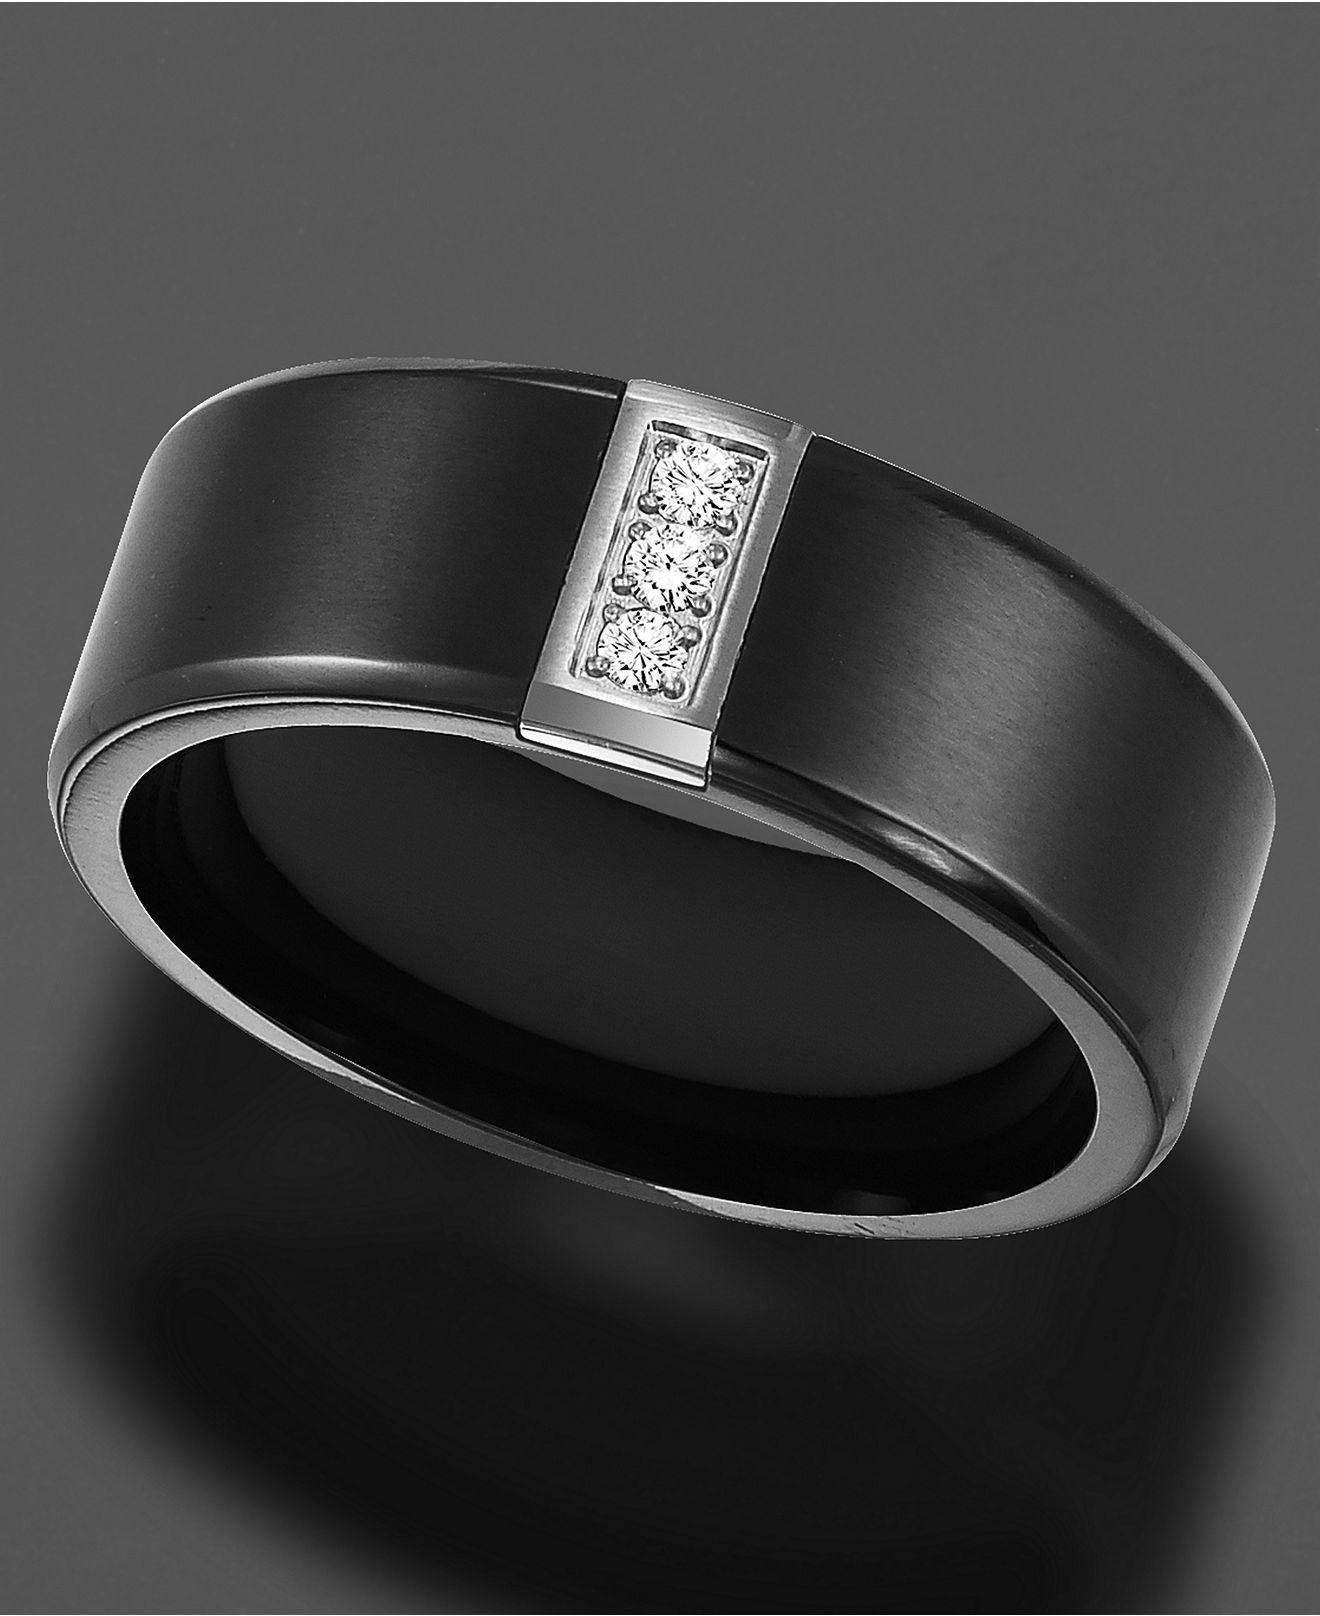 Black Titanium Ring, Diamond Accent Band Black titanium